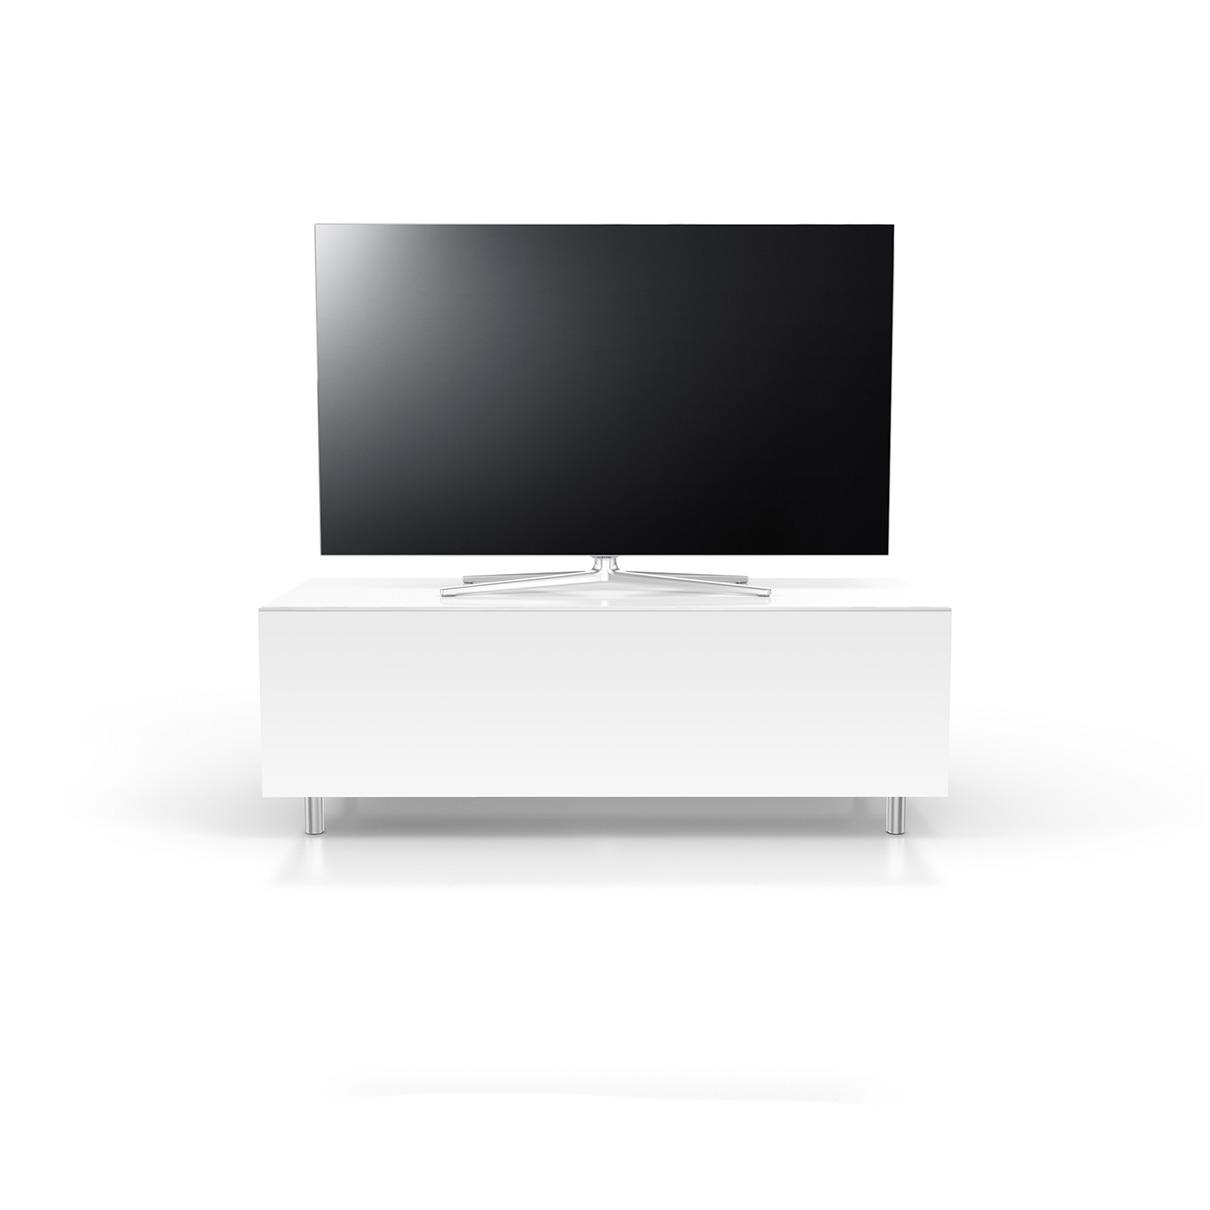 Afbeelding van Just Racks tv meubel JUSTRACJRL1100S